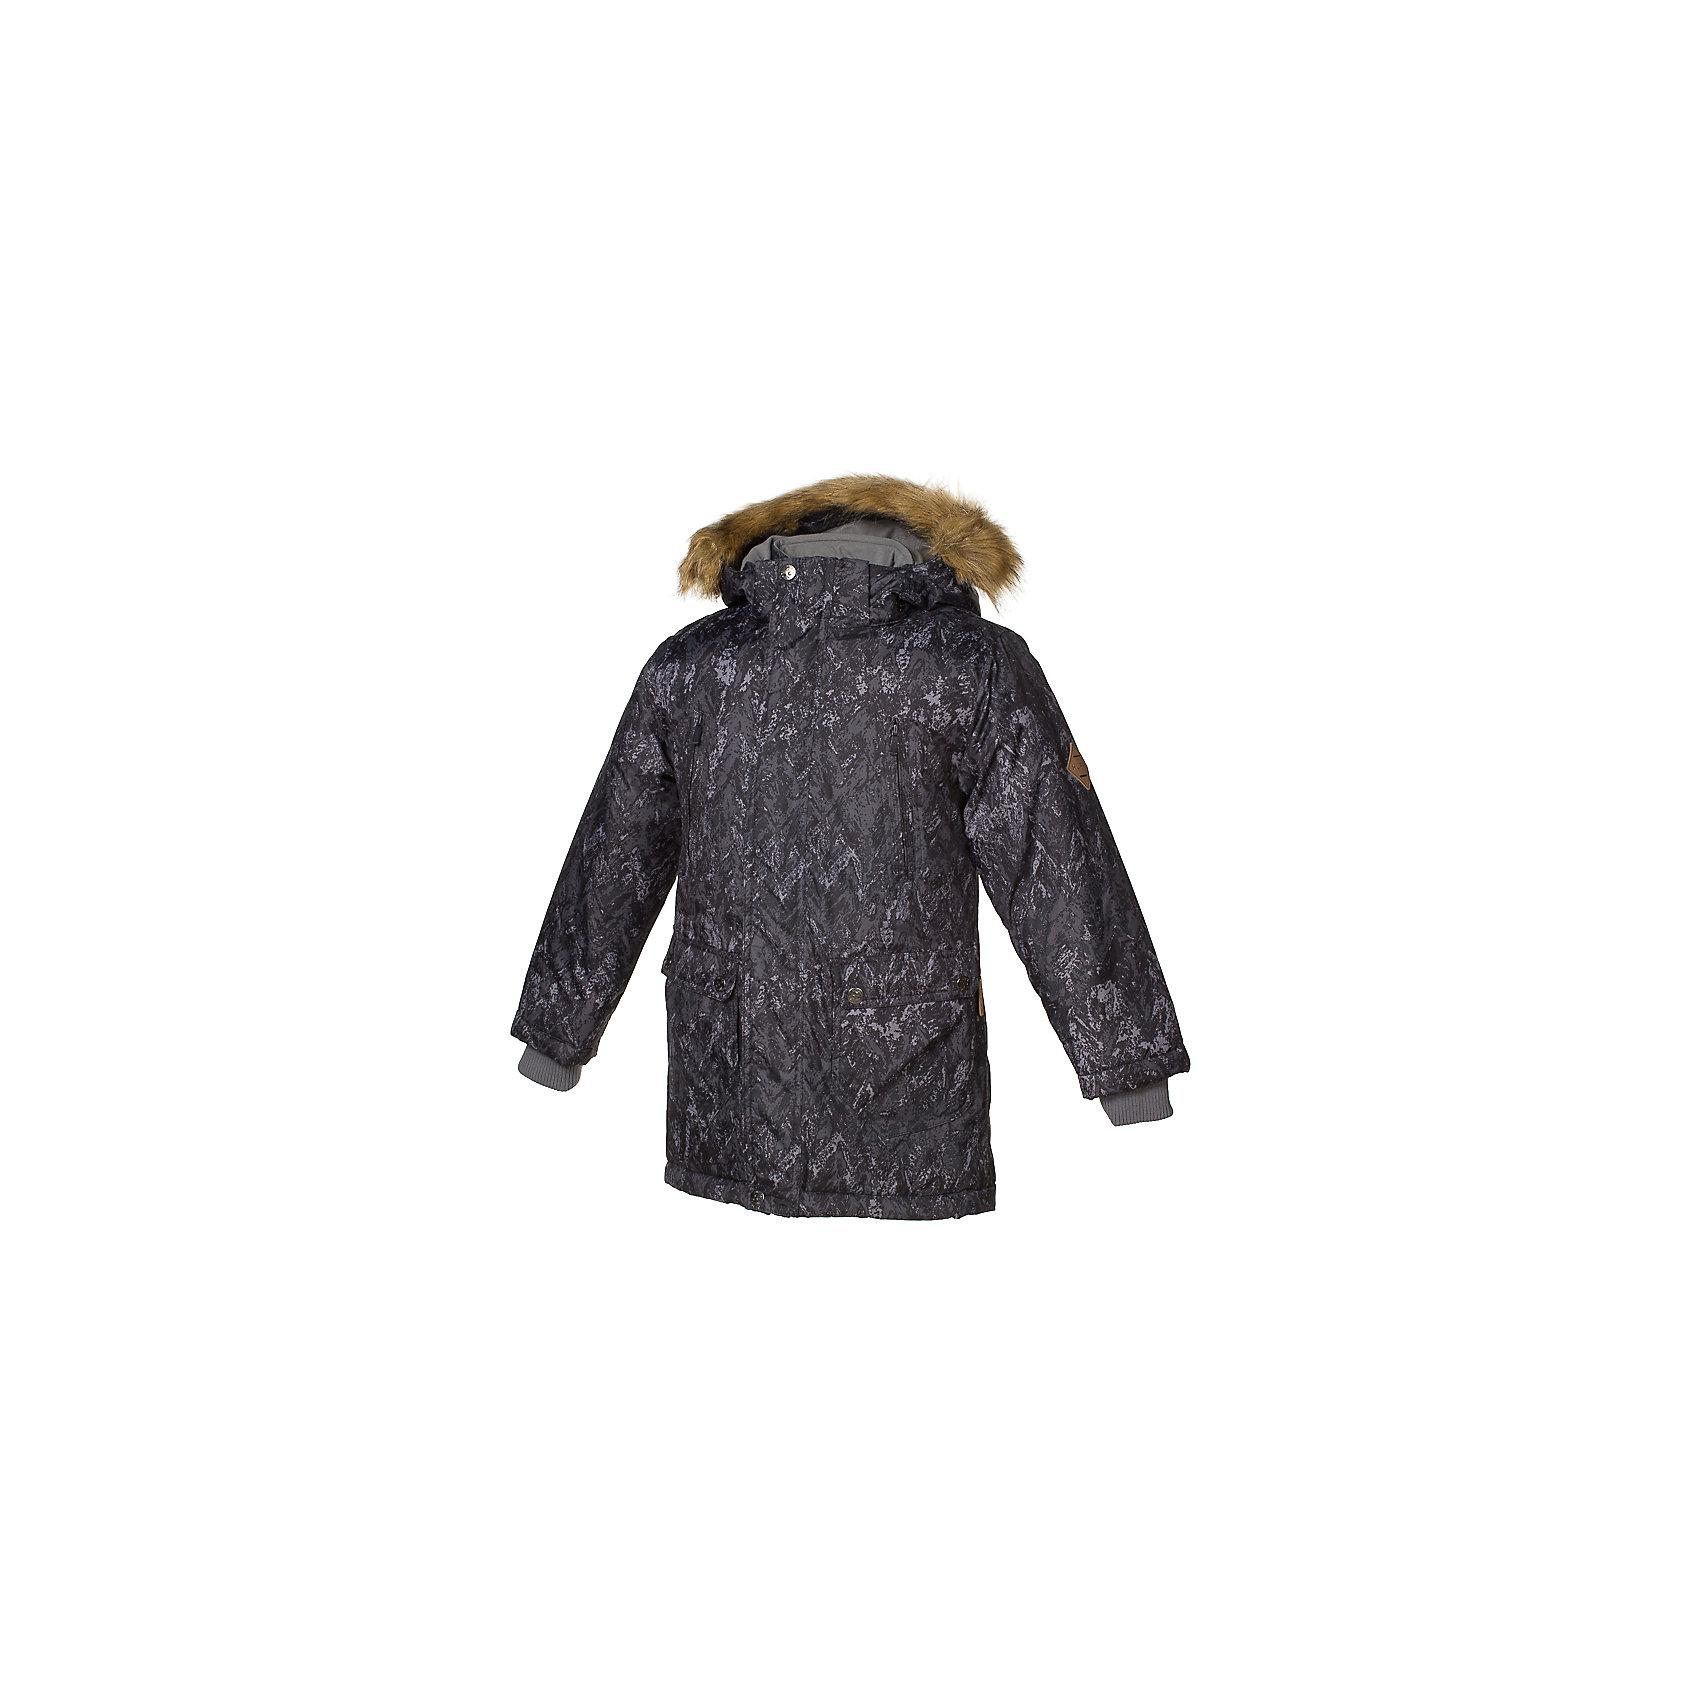 Куртка VESPER Huppa для мальчикаЗимние куртки<br>Характеристики товара:<br><br>• модель: Vesper;<br>• цвет: черный принт;<br>• состав: 100% полиэстер;<br>• утеплитель: нового поколенияHuppaTherm, 300 гр.;<br>• подкладка: полиэстер, тафта, pritex;<br>• сезон: зима;<br>• температурный режим: от - 5 до - 30С;<br>• водонепроницаемость: 5000 мм;<br>• воздухопроницаемость: 5000 г/м2/24ч;<br>• влагостойкие, водоотталкивающие, ветрозащитные и дышащие материалы.<br>• плечевые швы проклеены и не пропускают влагу;<br>• защитная планка молнии;<br>• двухсторонняя молния;<br>• безопасный отстёгивающийся капюшон;<br>• съемный искусственный мех на капюшоне;<br>• четыре кармана: 2 на молнии и 2 на клёпках;<br>• светоотражающие элементы для безопасности ребенка;<br>• внутренние вязаные манжеты на рукавах; <br>• страна бренда: Финляндия;<br>• страна изготовитель: Эстония.<br><br>Стильная молодёжная парка Vesper для мальчиков выполнена в красивом  цвете. Голову украшает отстёгивающийся капюшон, обрамлённый съемным мехом. Прямой крой придаёт парке модный спортивный вид. <br><br>Двусторонняя молния спрятана за декоративной планкой. Бегунок молнии открывается/закрывается снизу и сверху. В парке предусмотрено четыре закрытых кармана: два втачных, два накладных. Подкладка из полиэстера повышает гигиеничность модели. Её поверхность очень просто очистить от любых загрязнений. В рукава вшиты вязаные манжеты. Они прекрасно защищают парня от снега и ветра.Имеются светоотражательные элементы.<br><br>Разрабатываемая дизайнерами компании Хуппа детская одежда полностью отвечает климатическим особенностям нашей страны.<br><br>Куртку Vesper для мальчика бренда HUPPA  можно купить в нашем интернет-магазине.<br><br>Ширина мм: 356<br>Глубина мм: 10<br>Высота мм: 245<br>Вес г: 519<br>Цвет: черный<br>Возраст от месяцев: 168<br>Возраст до месяцев: 180<br>Пол: Мужской<br>Возраст: Детский<br>Размер: 170,104,110,116,122,128,134,140,146,152,158,164<br>SKU: 7025068